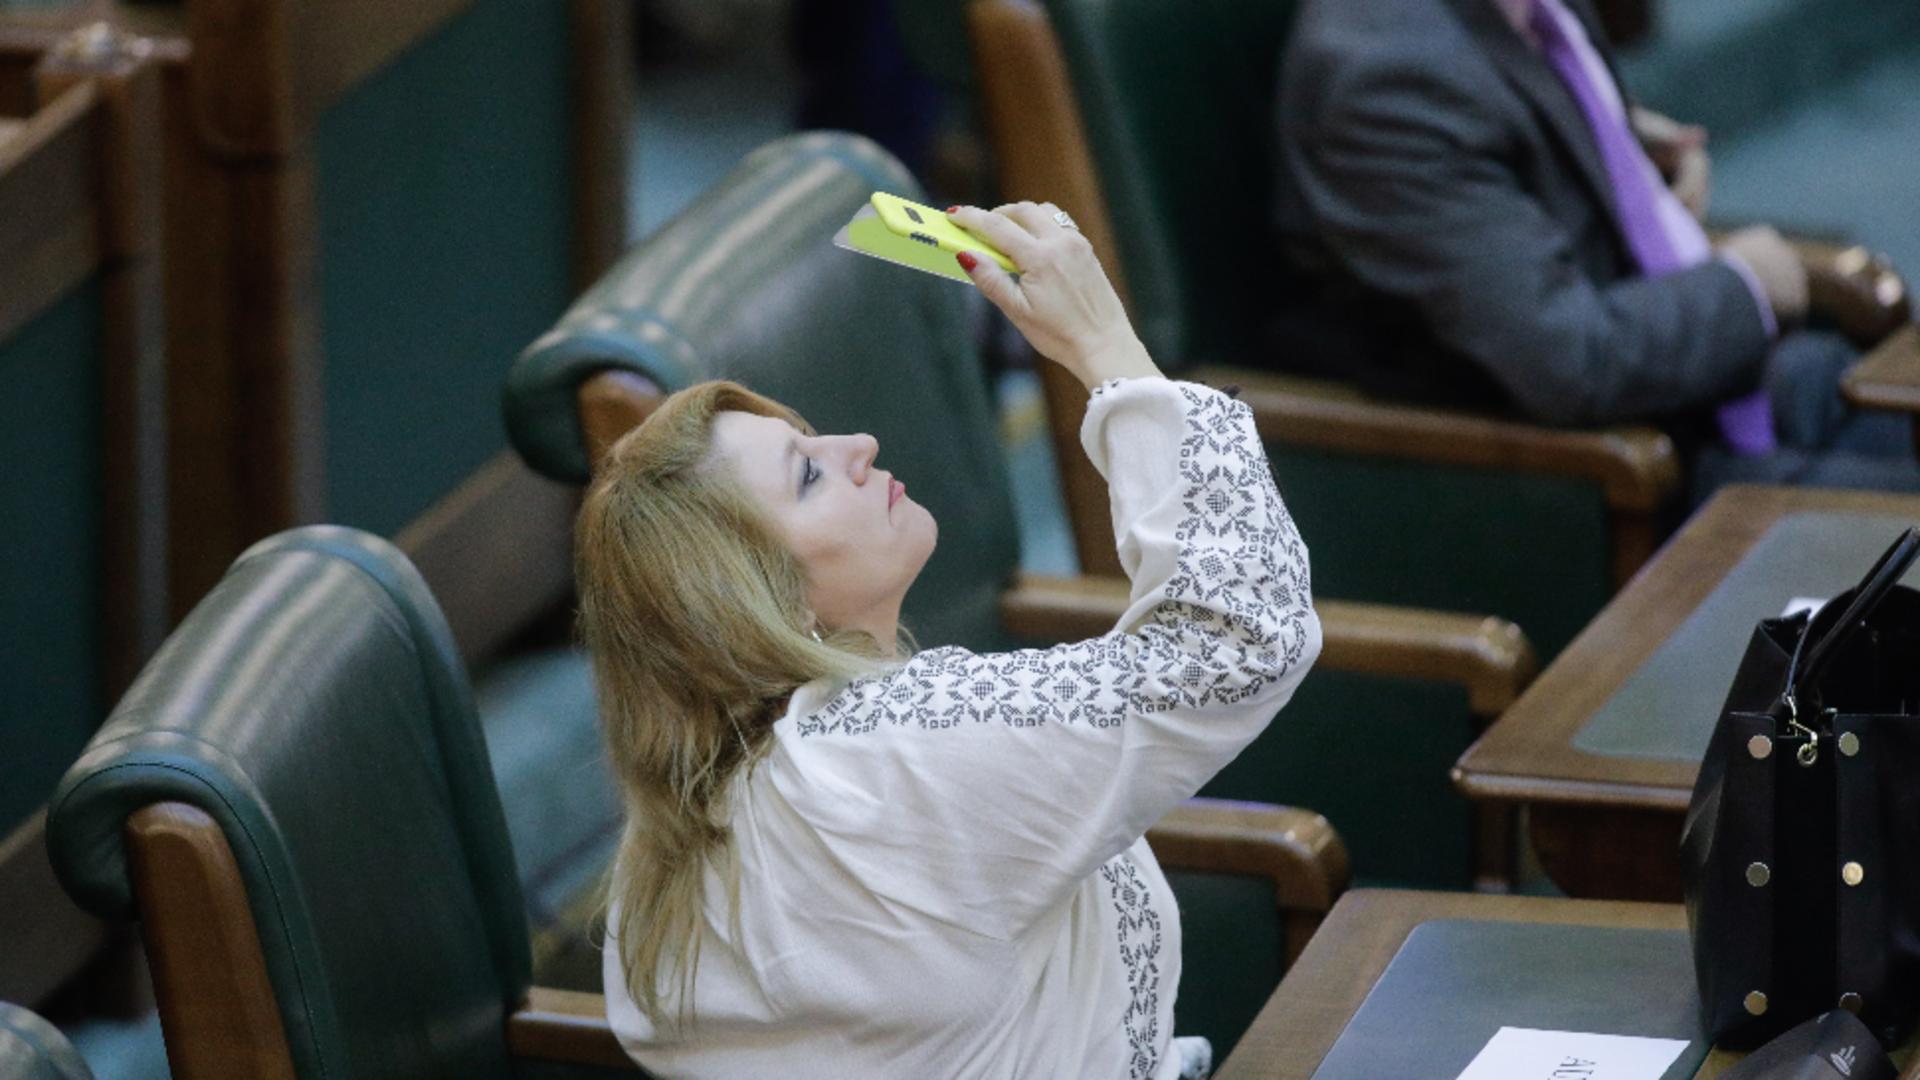 Diana Șoșoacă: Cîțu a dat comandă să mi se facă dosar penal / Foto: Inquam Photos